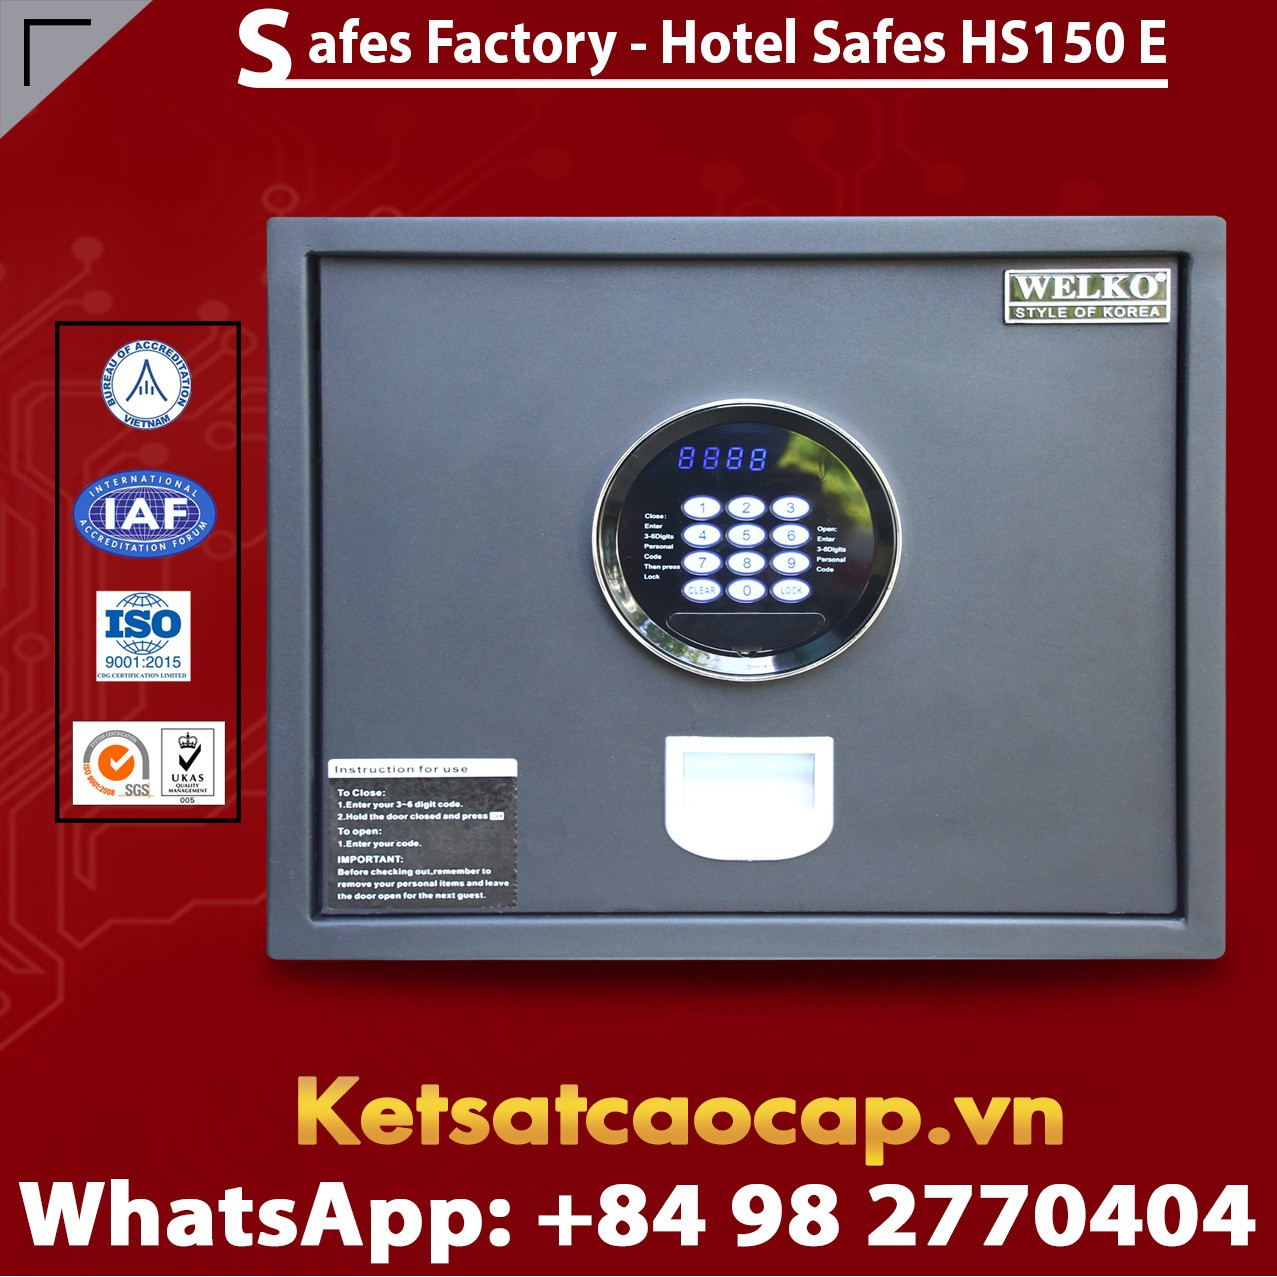 Két Sắt Khách Sạn Hotel Safes WELKO HS150 Black - E